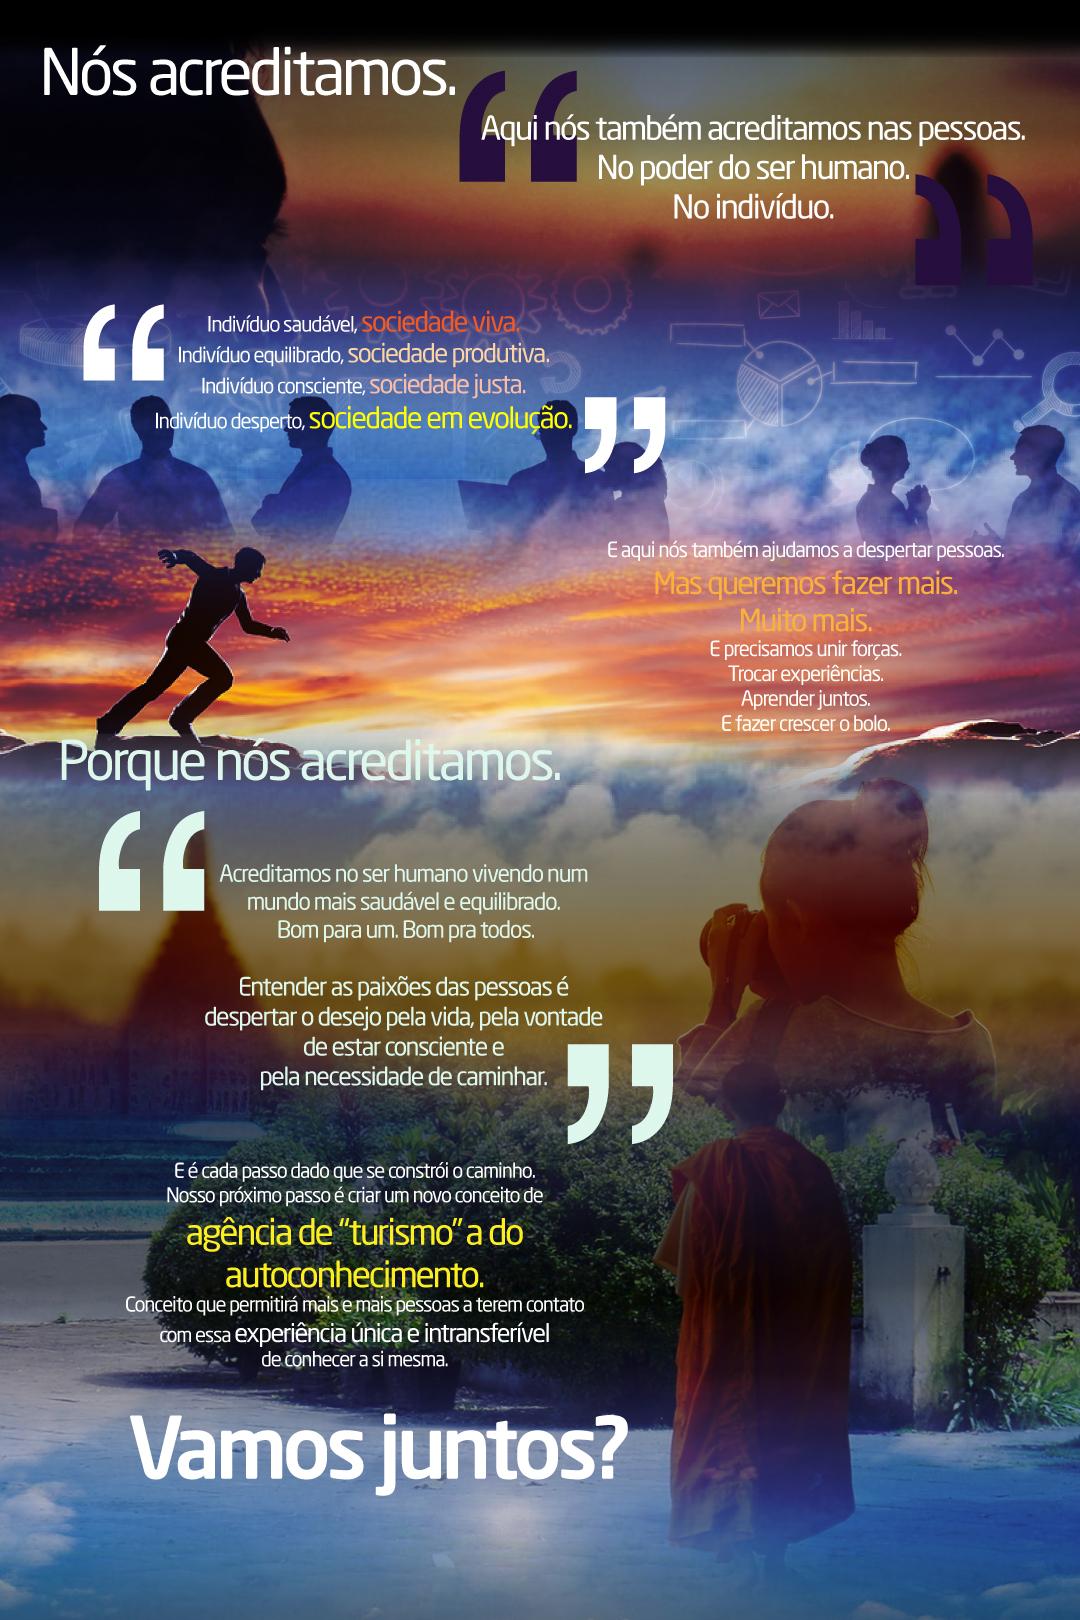 fernando@medite.se